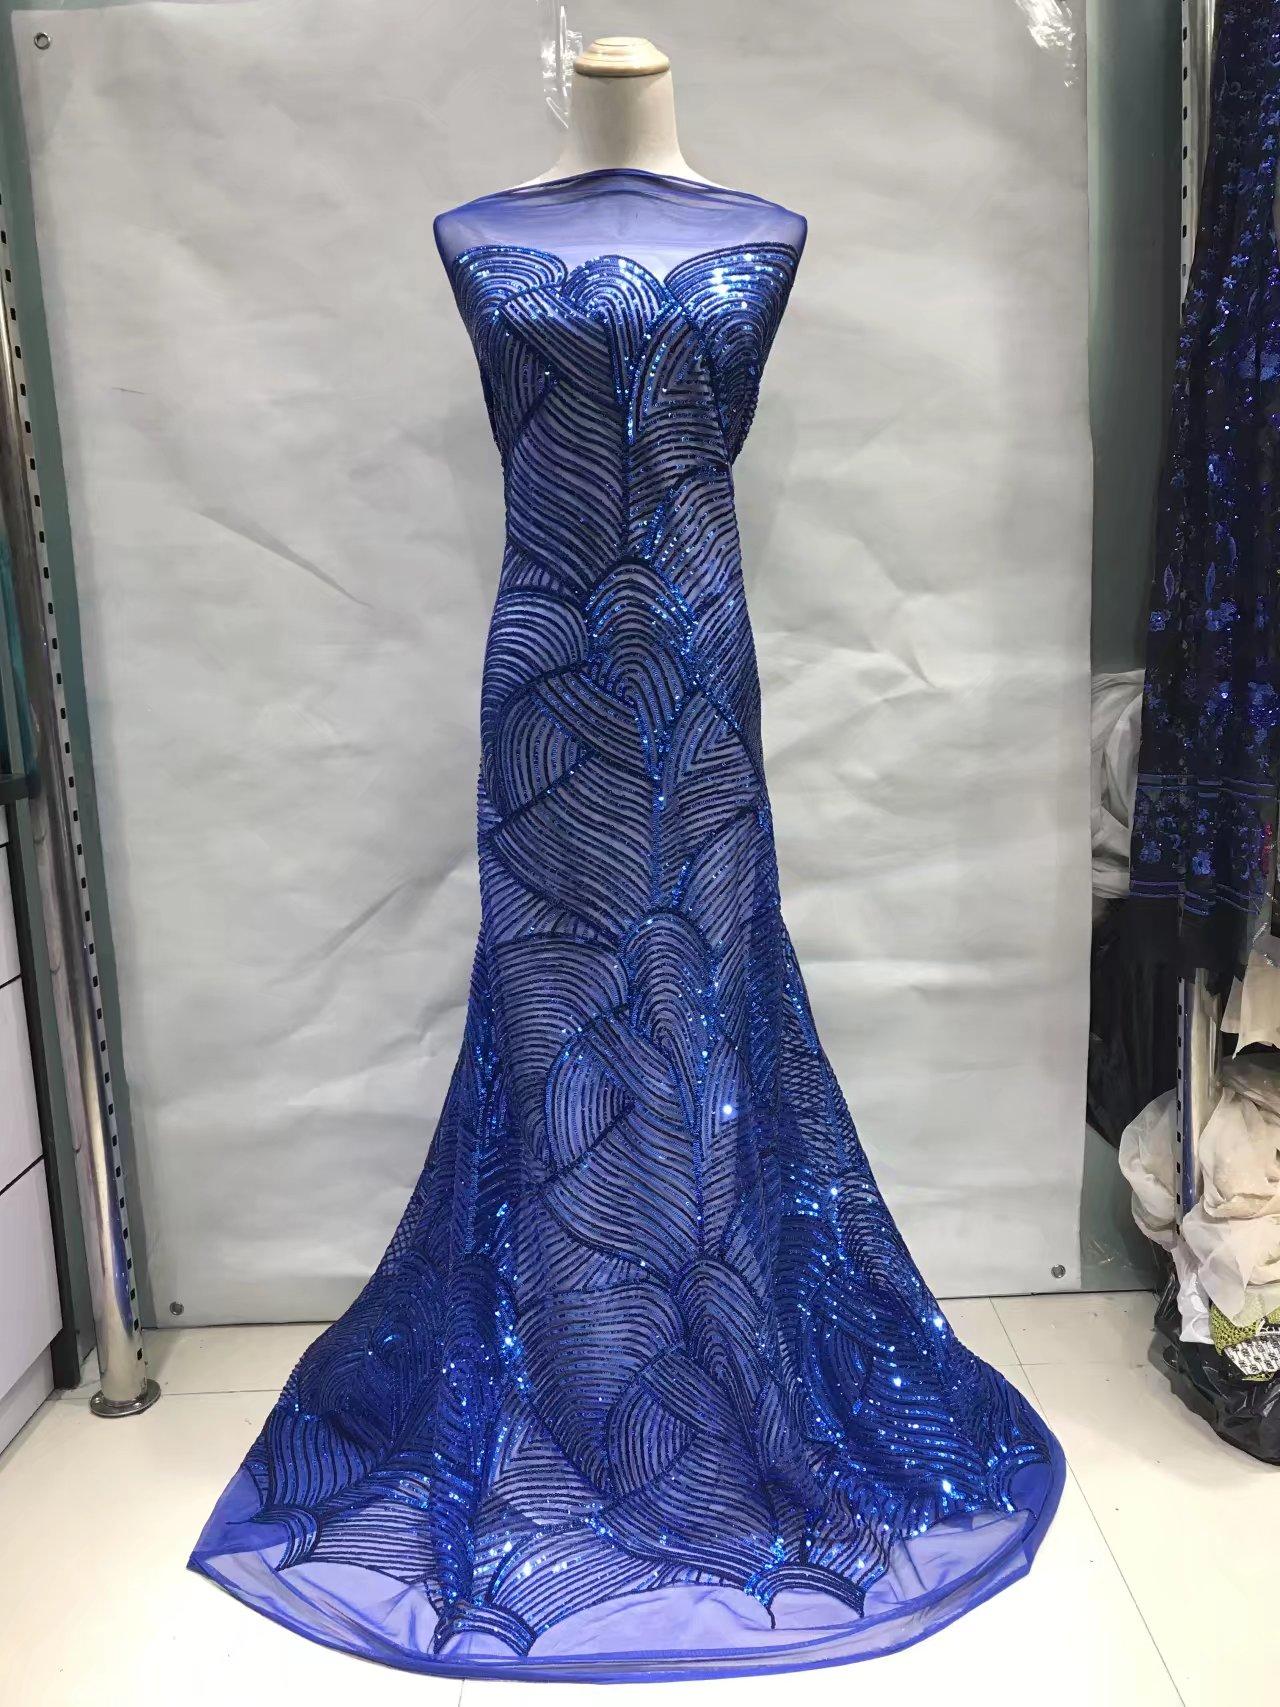 Новое поступление красивые французский Блёстки кружевной ткани Блёстки модные Африки кружевной ткани Королевский синий цвет jl19782